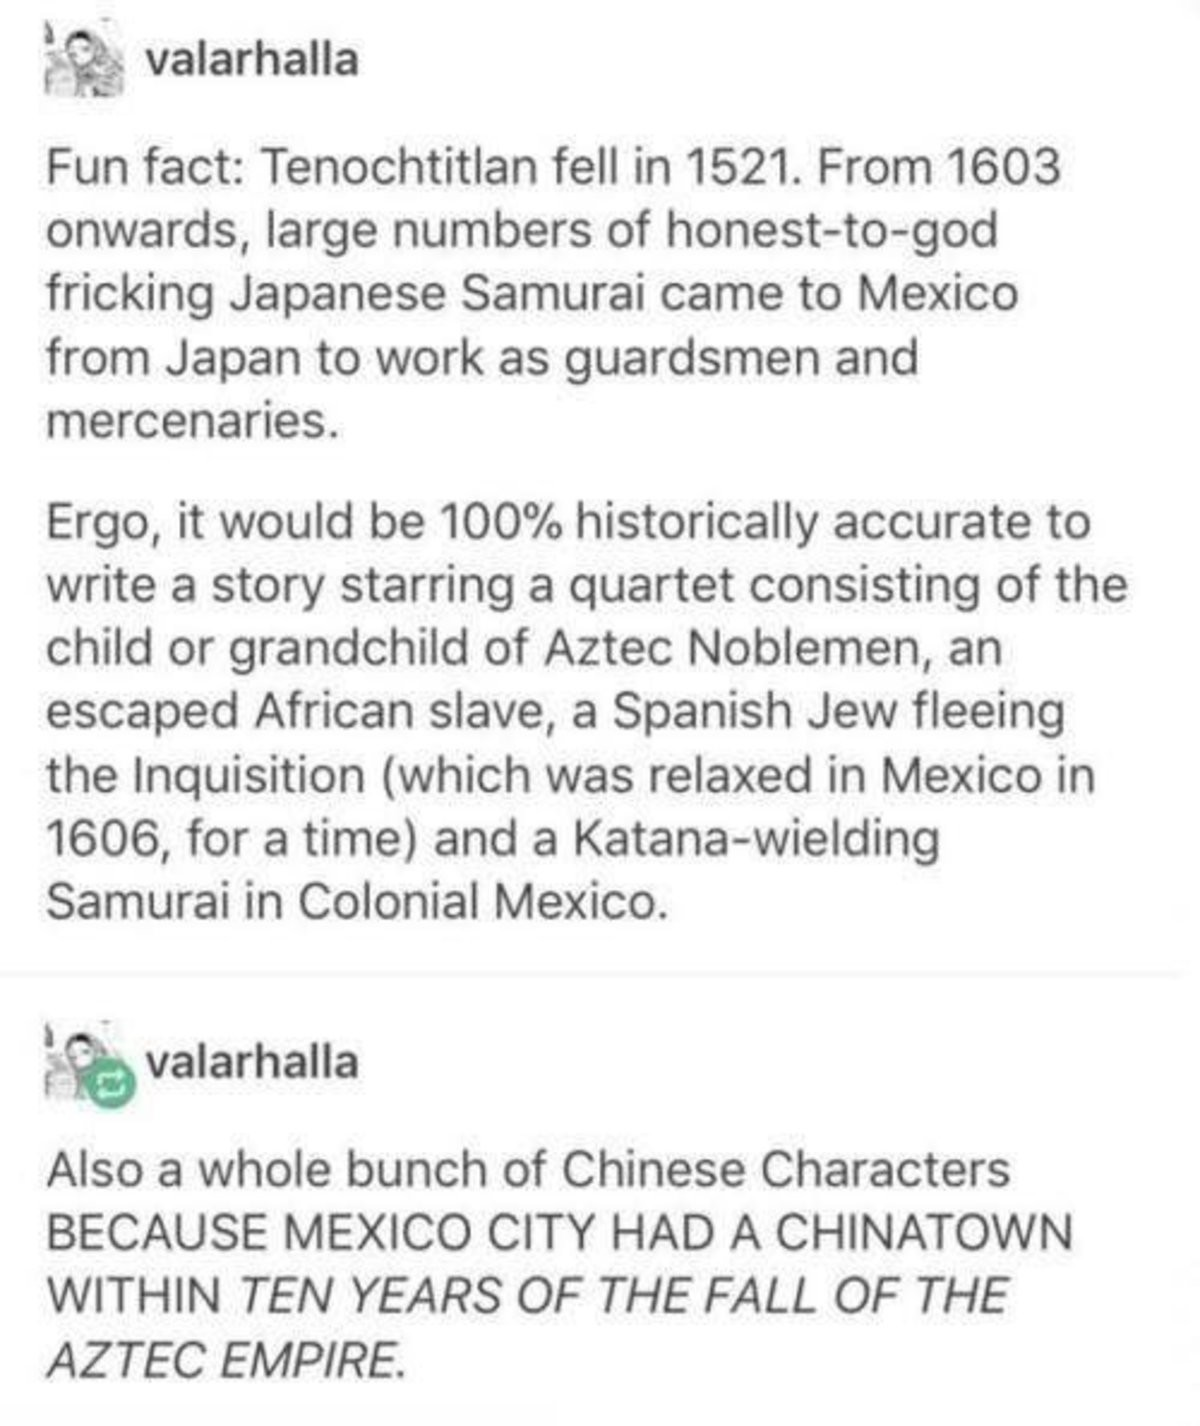 Tenochtitlan. .. I must say I had no idea that happened